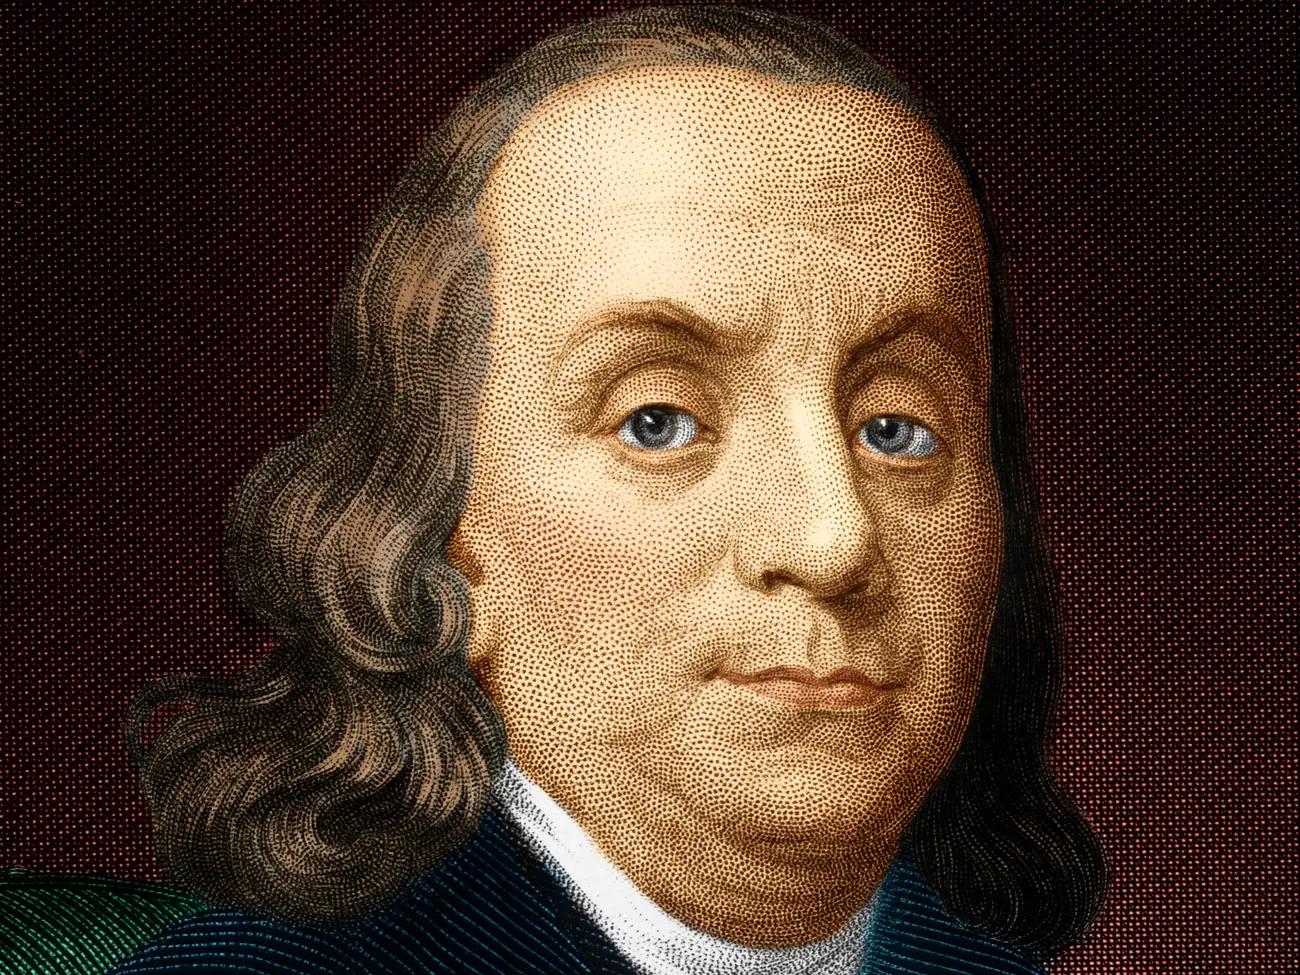 – Benjamin Franklin